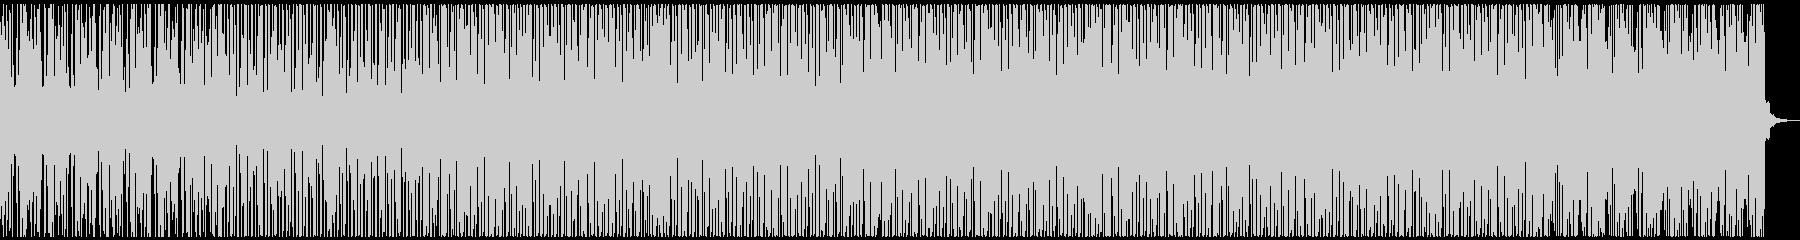 エレピとピアノを使ったDeephouseの未再生の波形